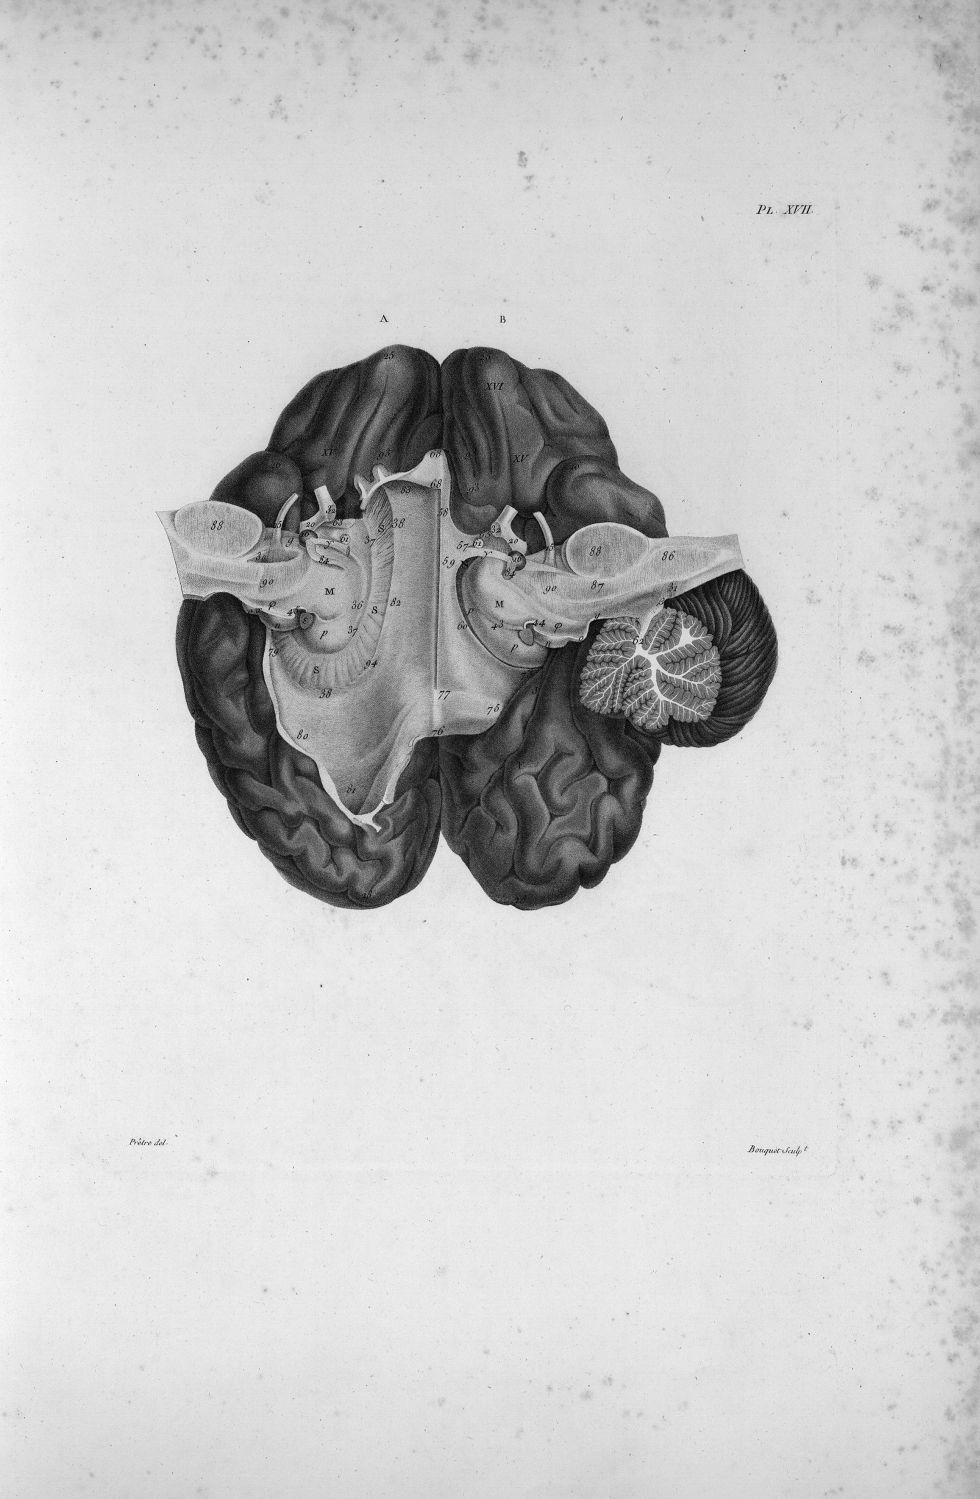 Pl. XVII. Cerveau posé sur sa face supérieure - Anatomie et physiologie du système nerveux en généra [...] - Anatomie. Neurologie. Cerveaux (têtes). 19e siècle (France) - med00575xatlasx0027